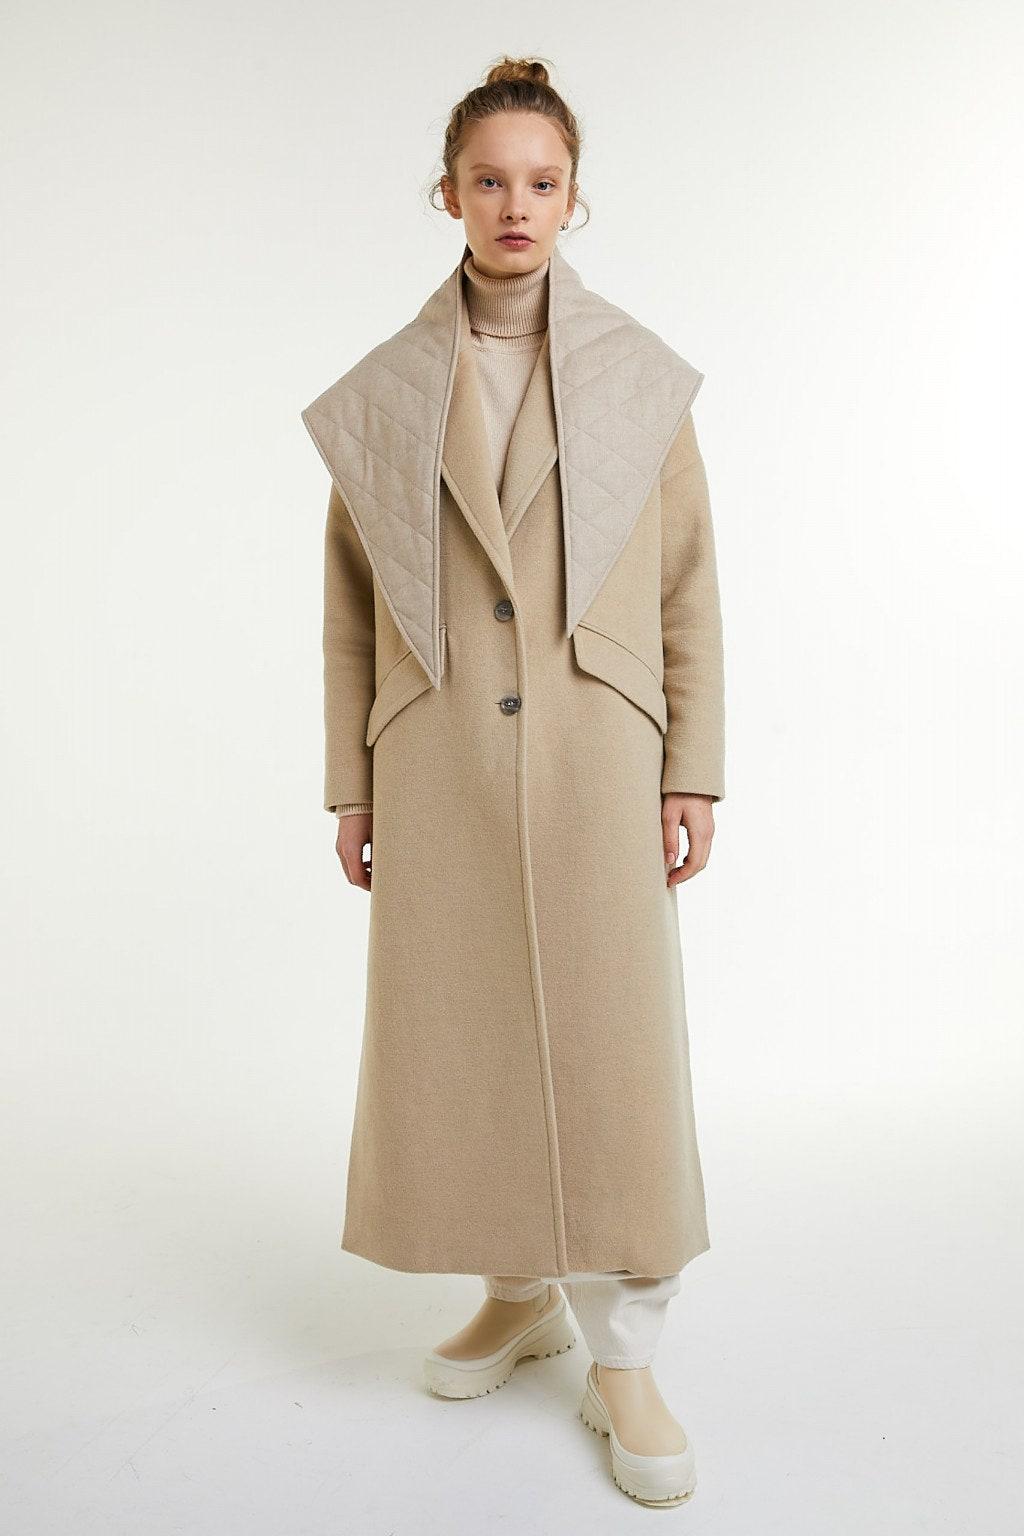 Vogue Россия представили коллекцию стеганых косынок и шарфов